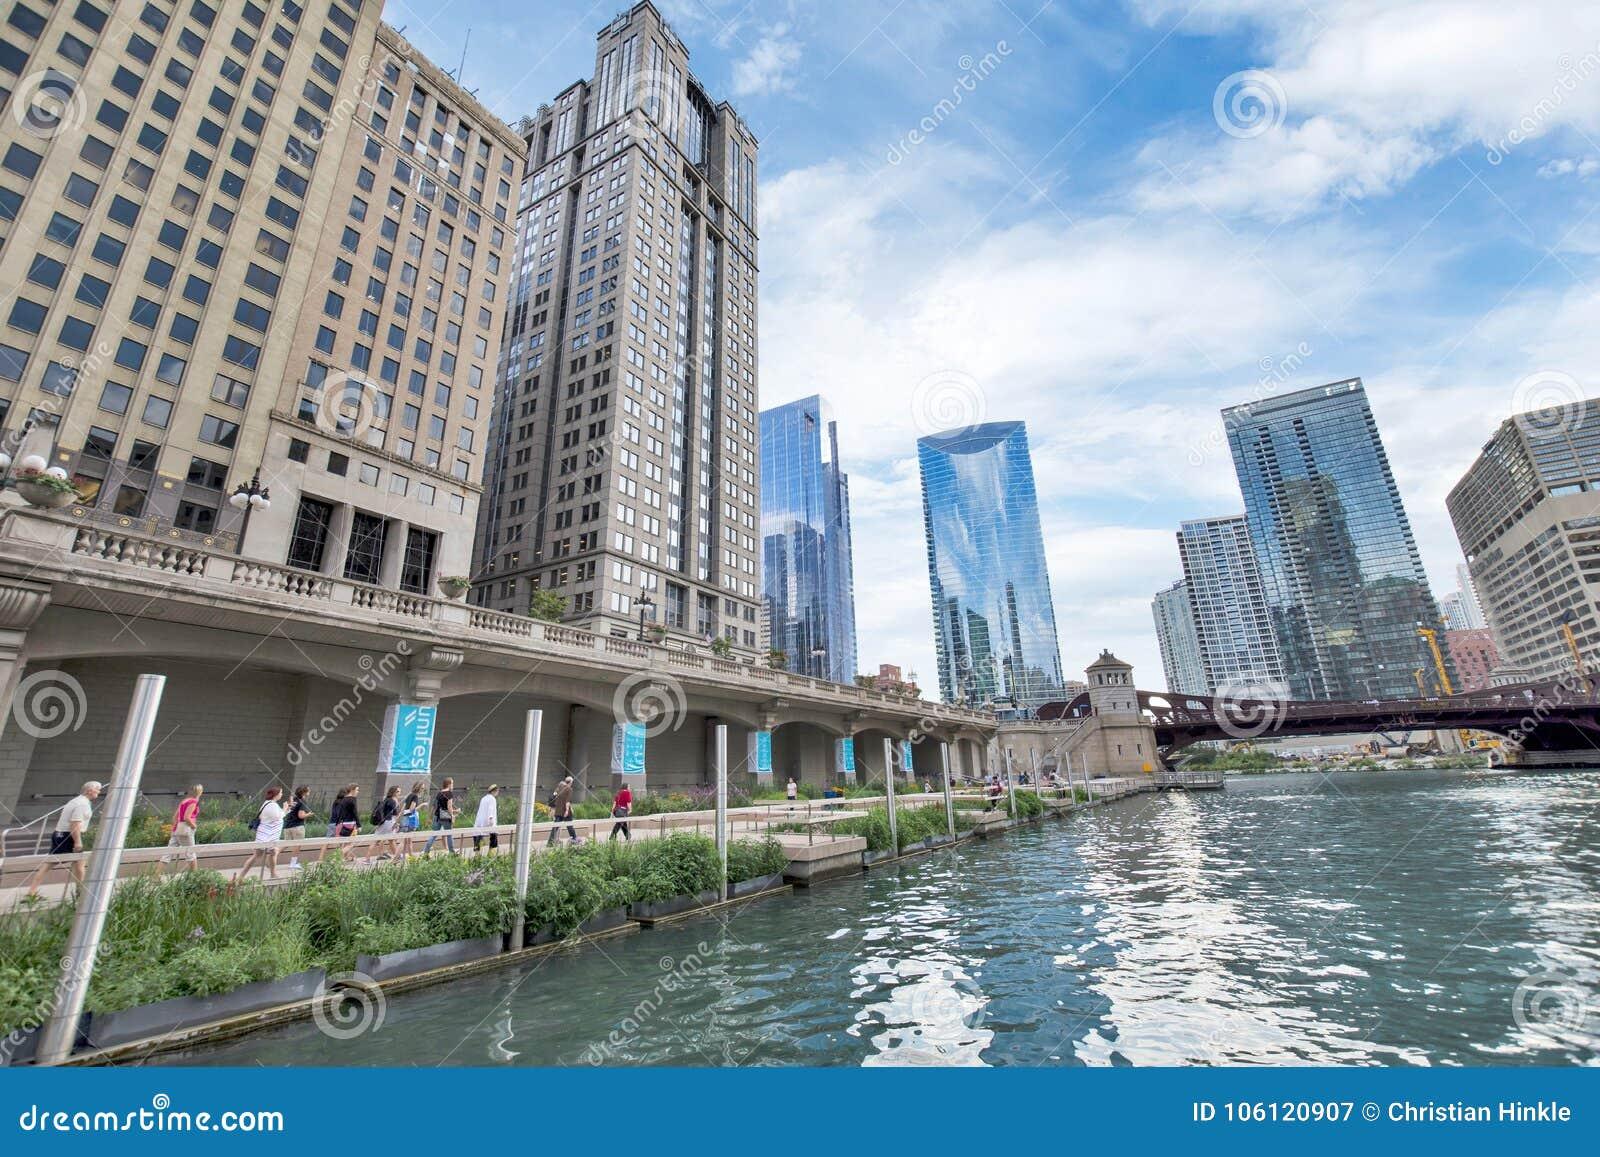 La rivière Chicago du nord Riverwalk sur la branche du nord la rivière Chicago i